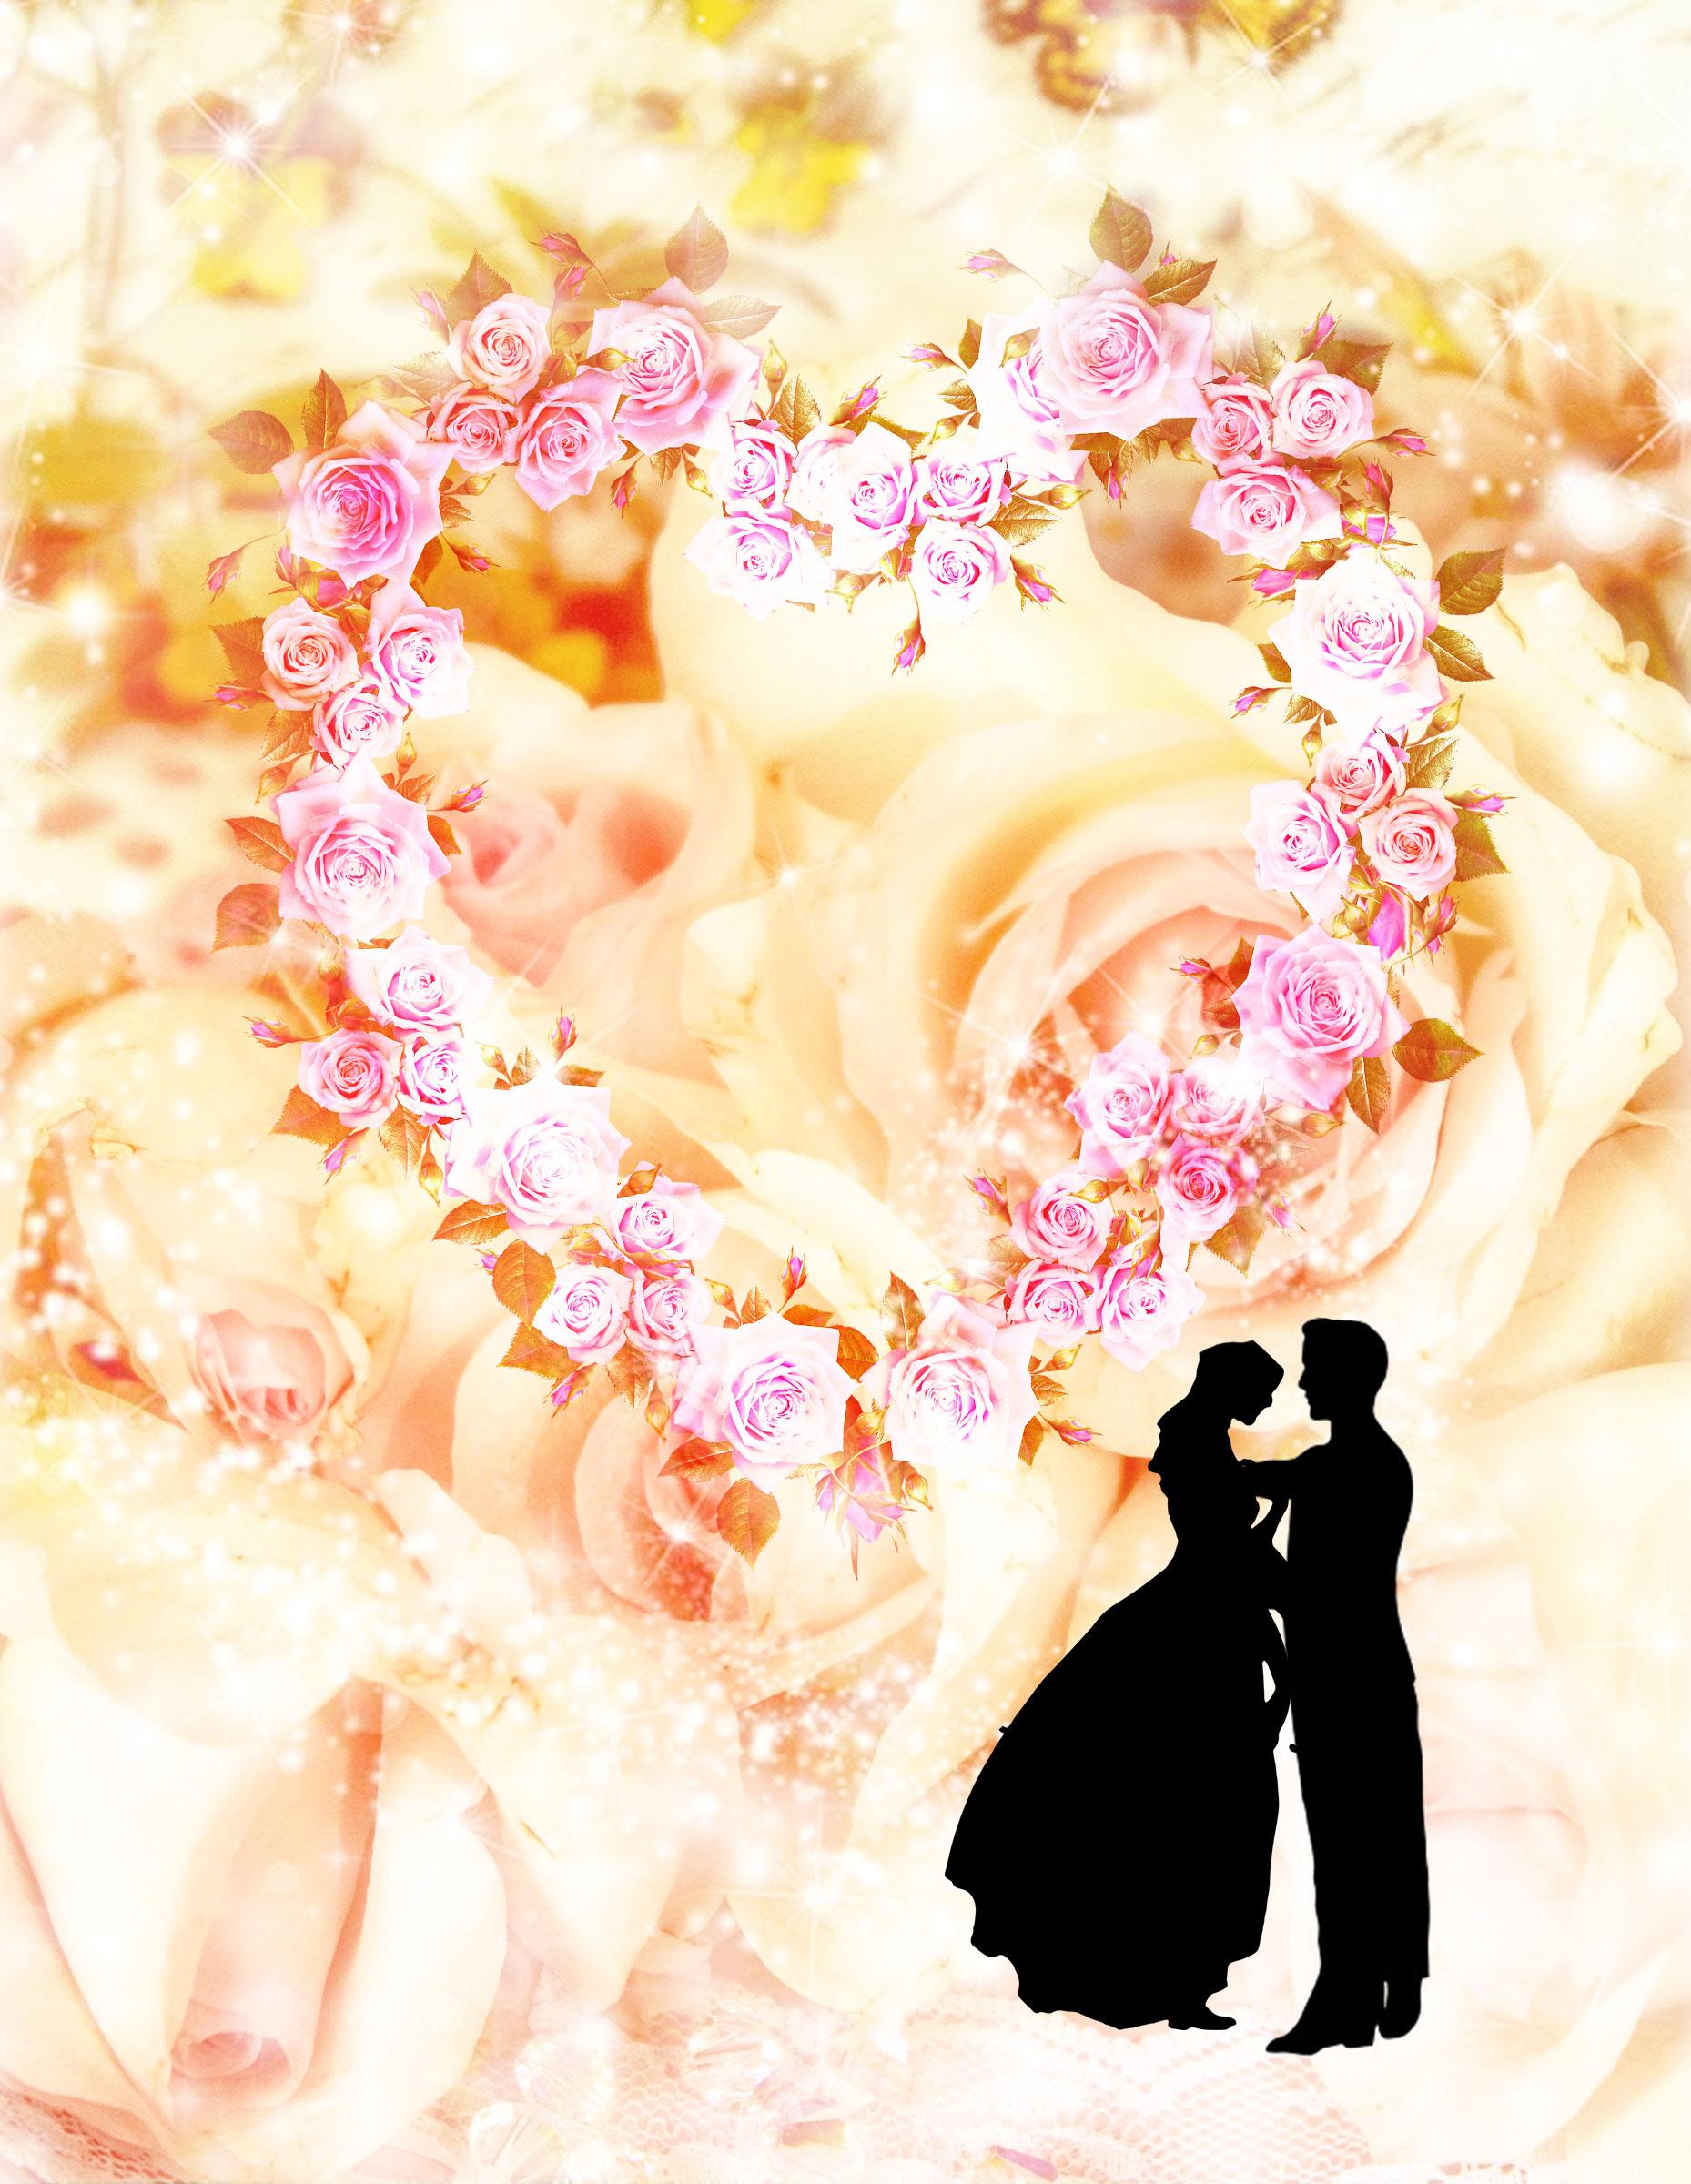 ピンクのシンデレラ城の復縁恋愛運アップ恋が叶う待ち受け画像背景